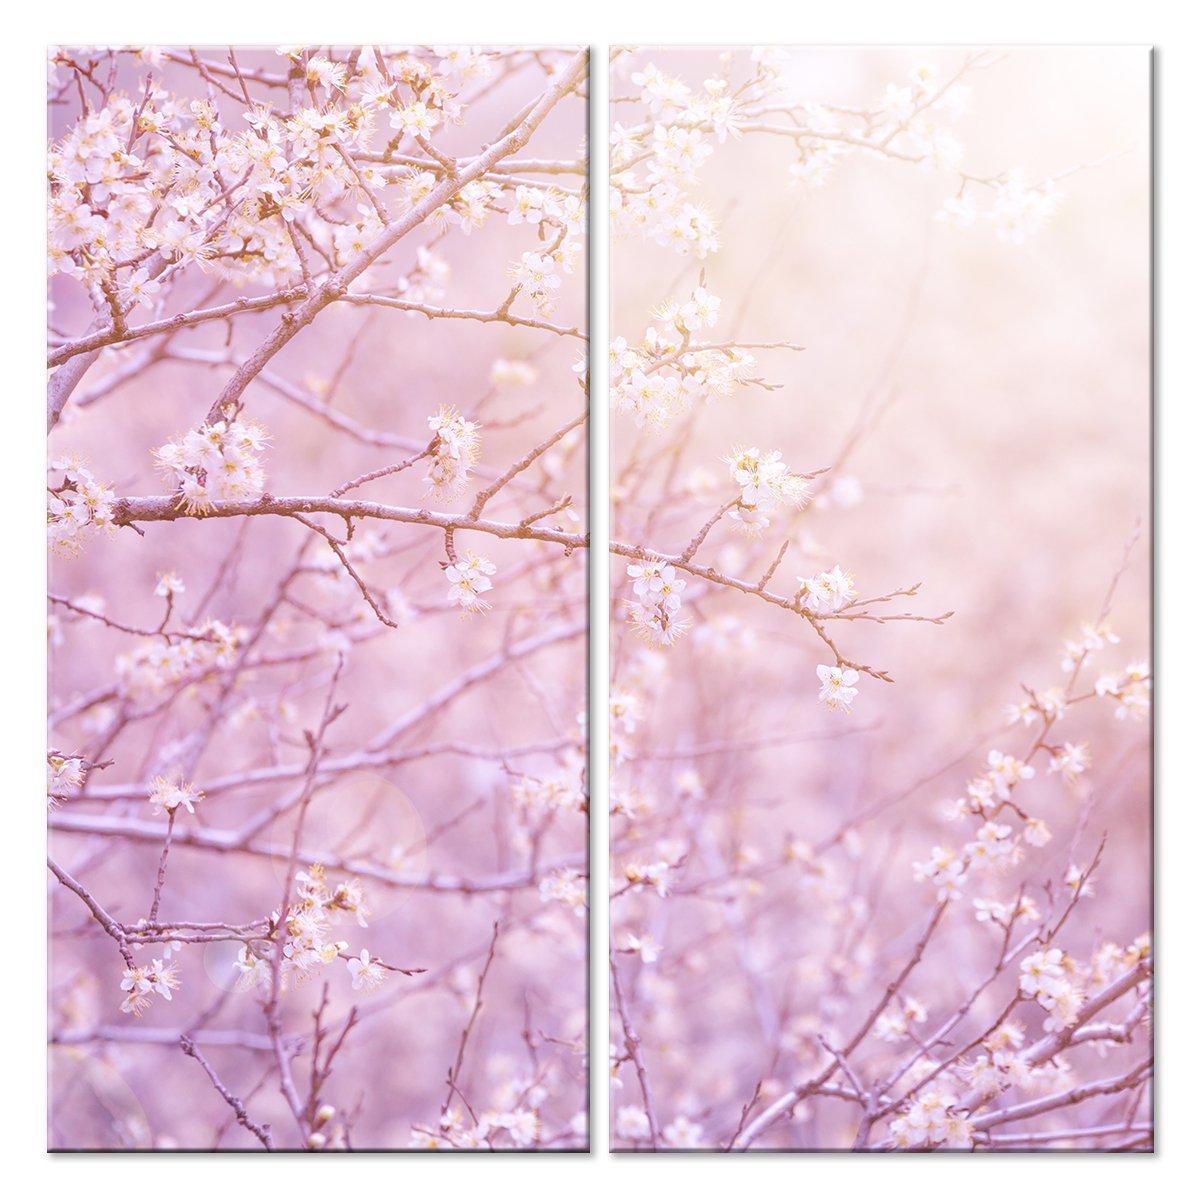 Модульная картина «Солнечное дерево»Цветы<br>Модульная картина на натуральном холсте и деревянном подрамнике. Подвес в комплекте. Трехслойная надежная упаковка. Доставим в любую точку России. Вам осталось только повесить картину на стену!<br>